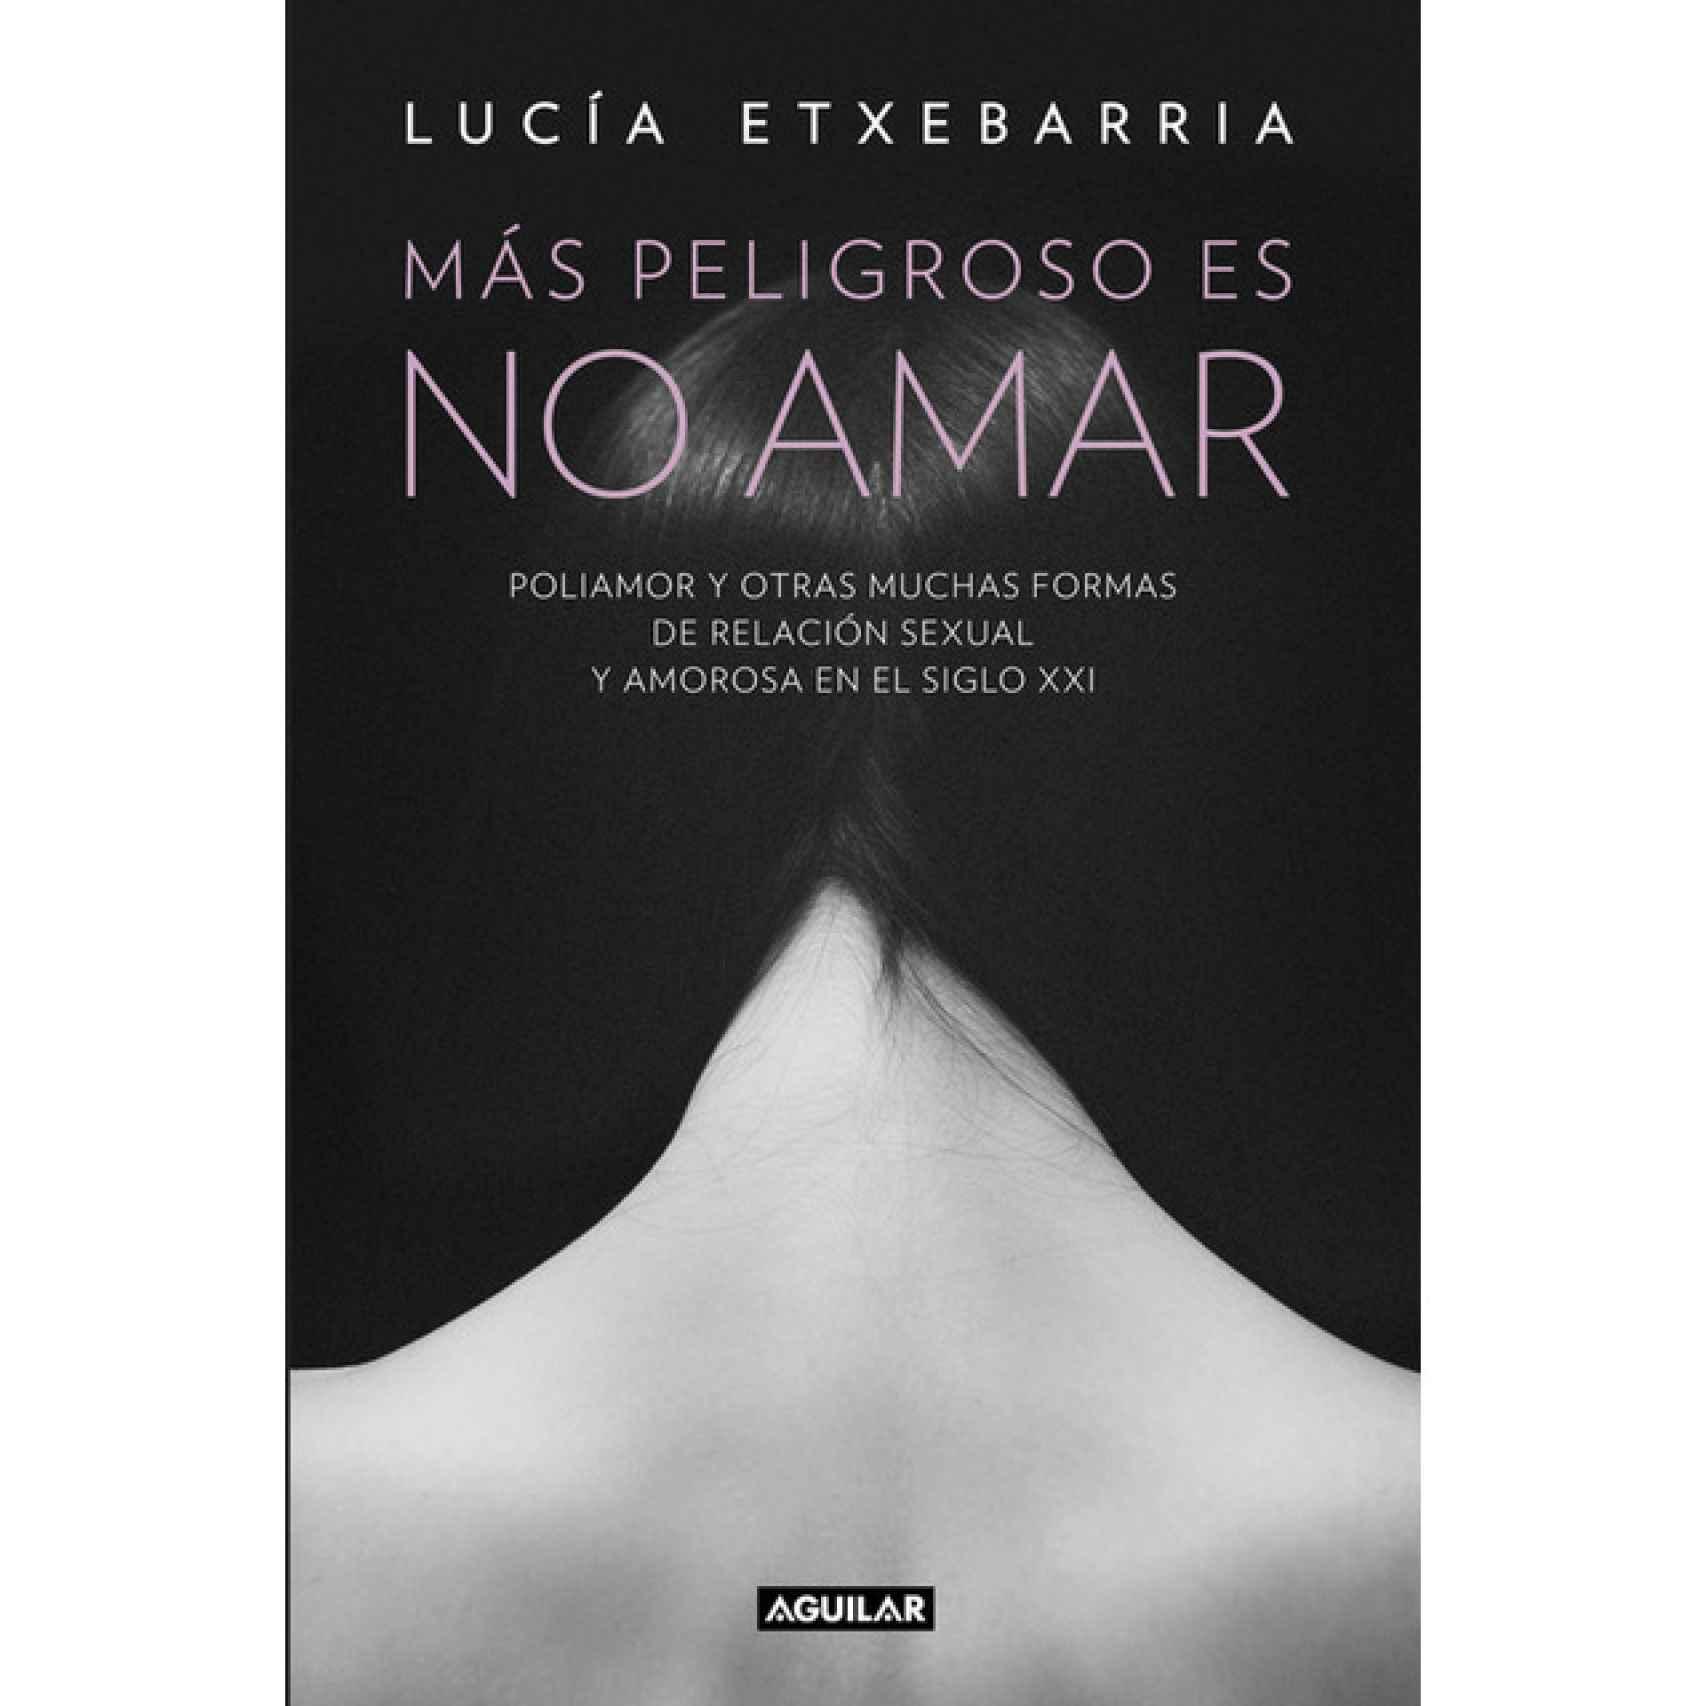 Más peligroso es no amar (Editorial Aguilar) es la última novela de Extebarría